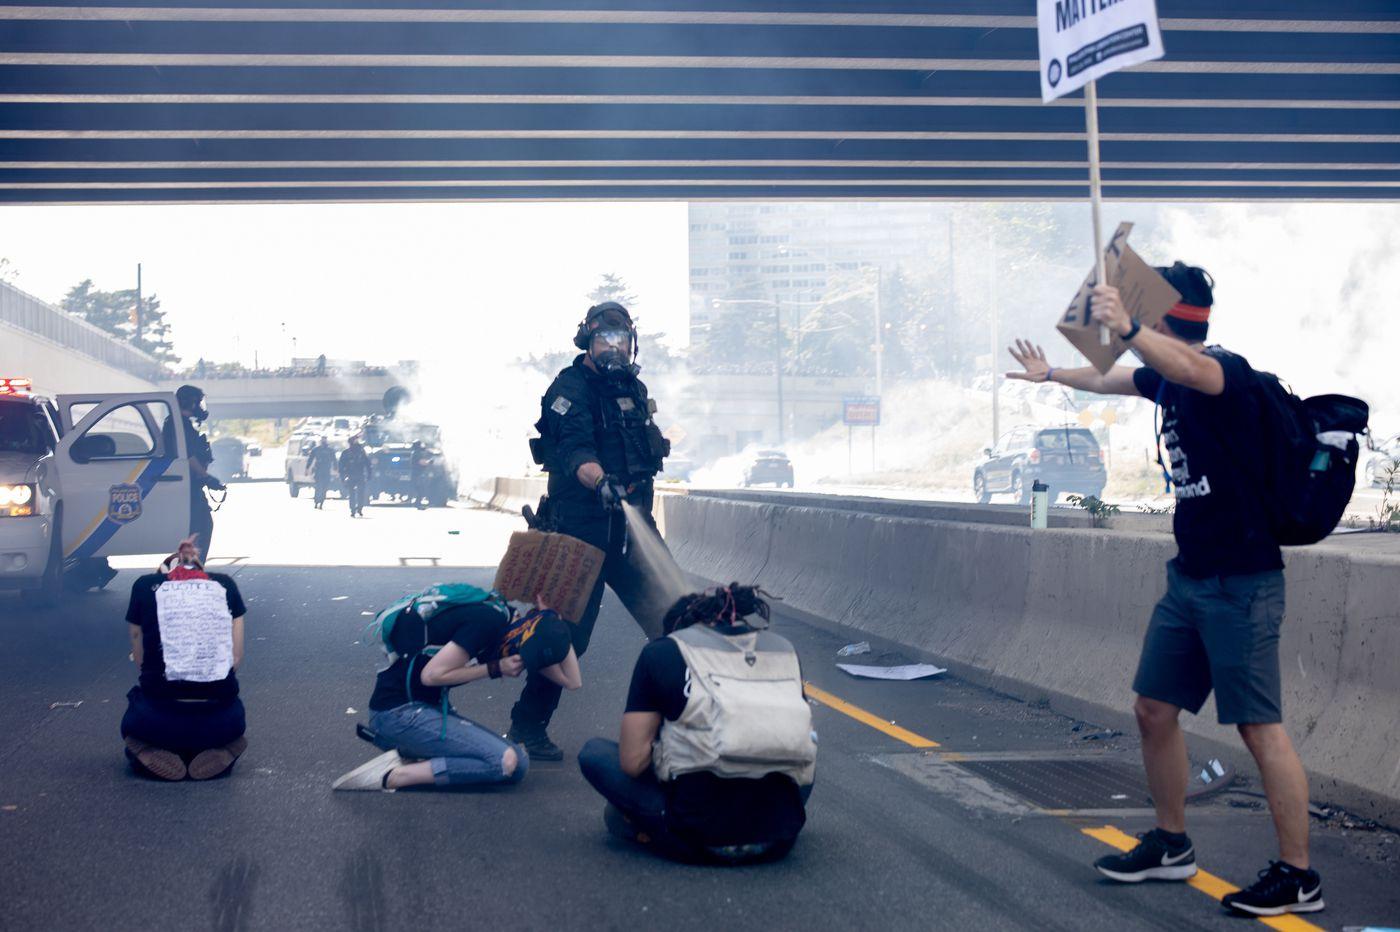 Cops spraying pepper spray